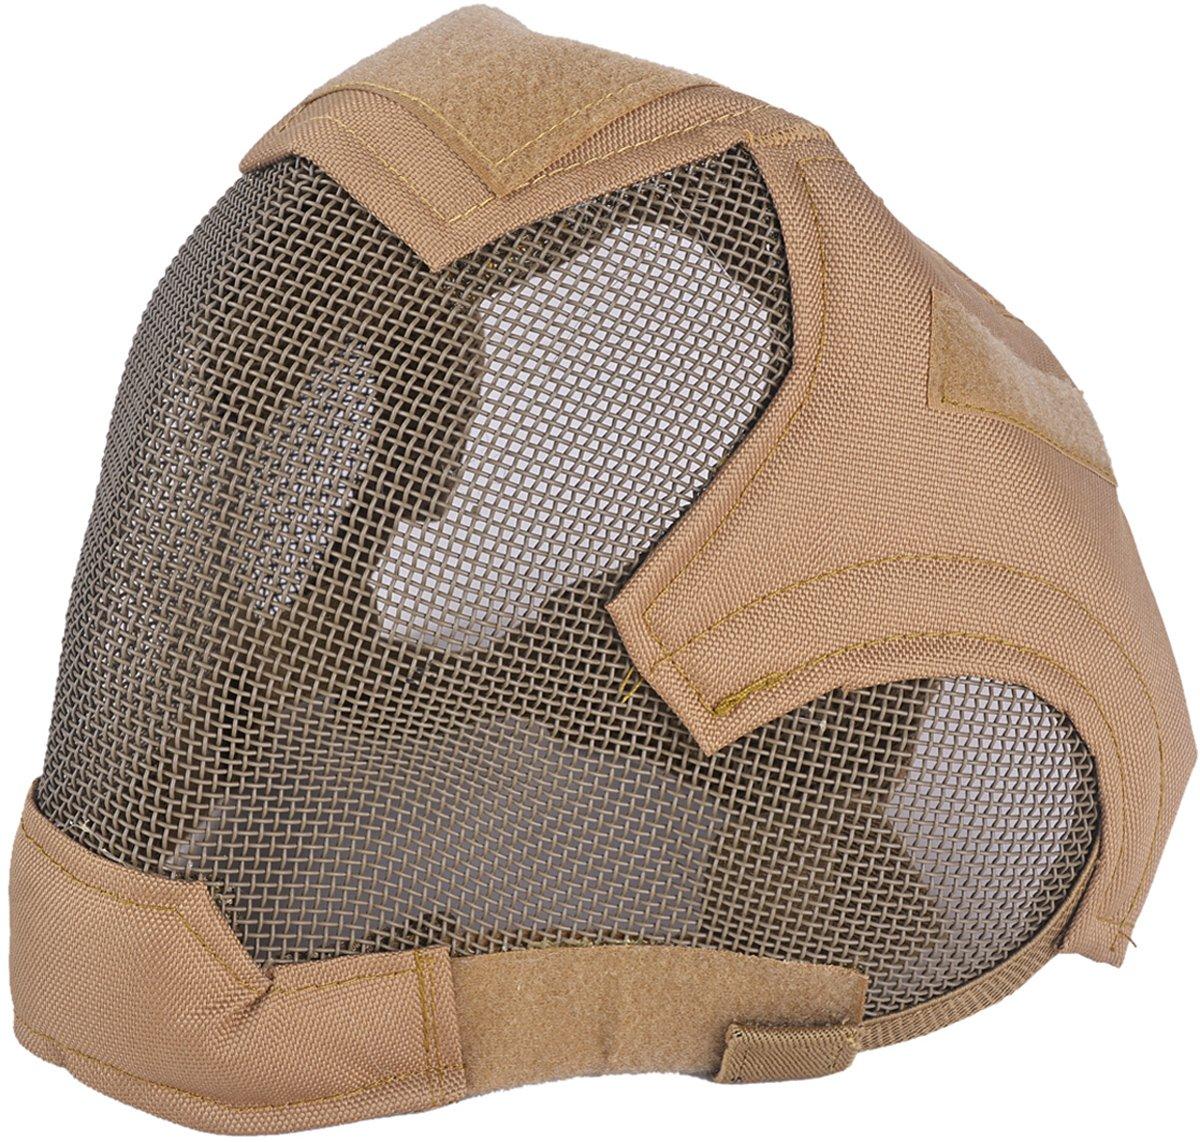 Fansport Engrener Masque Complet Masque de Protection Masque Airsoft En Acier pour Jeu Extérieur